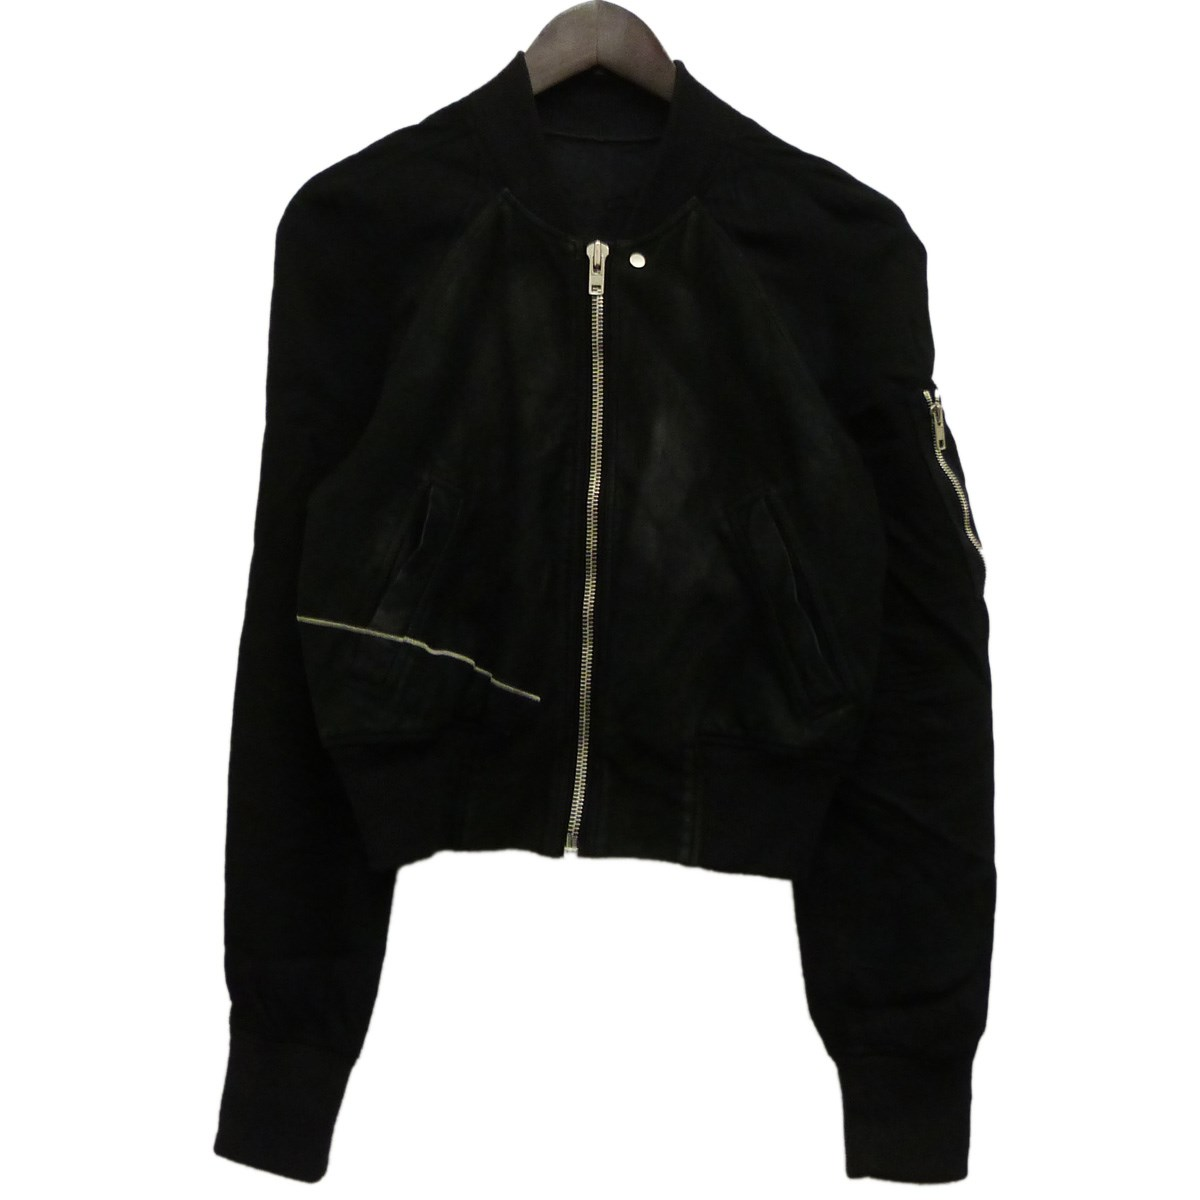 【中古】Rick Owens16SSレザーシルクコンビボンバージャケット ブラック サイズ:40 【4月20日見直し】